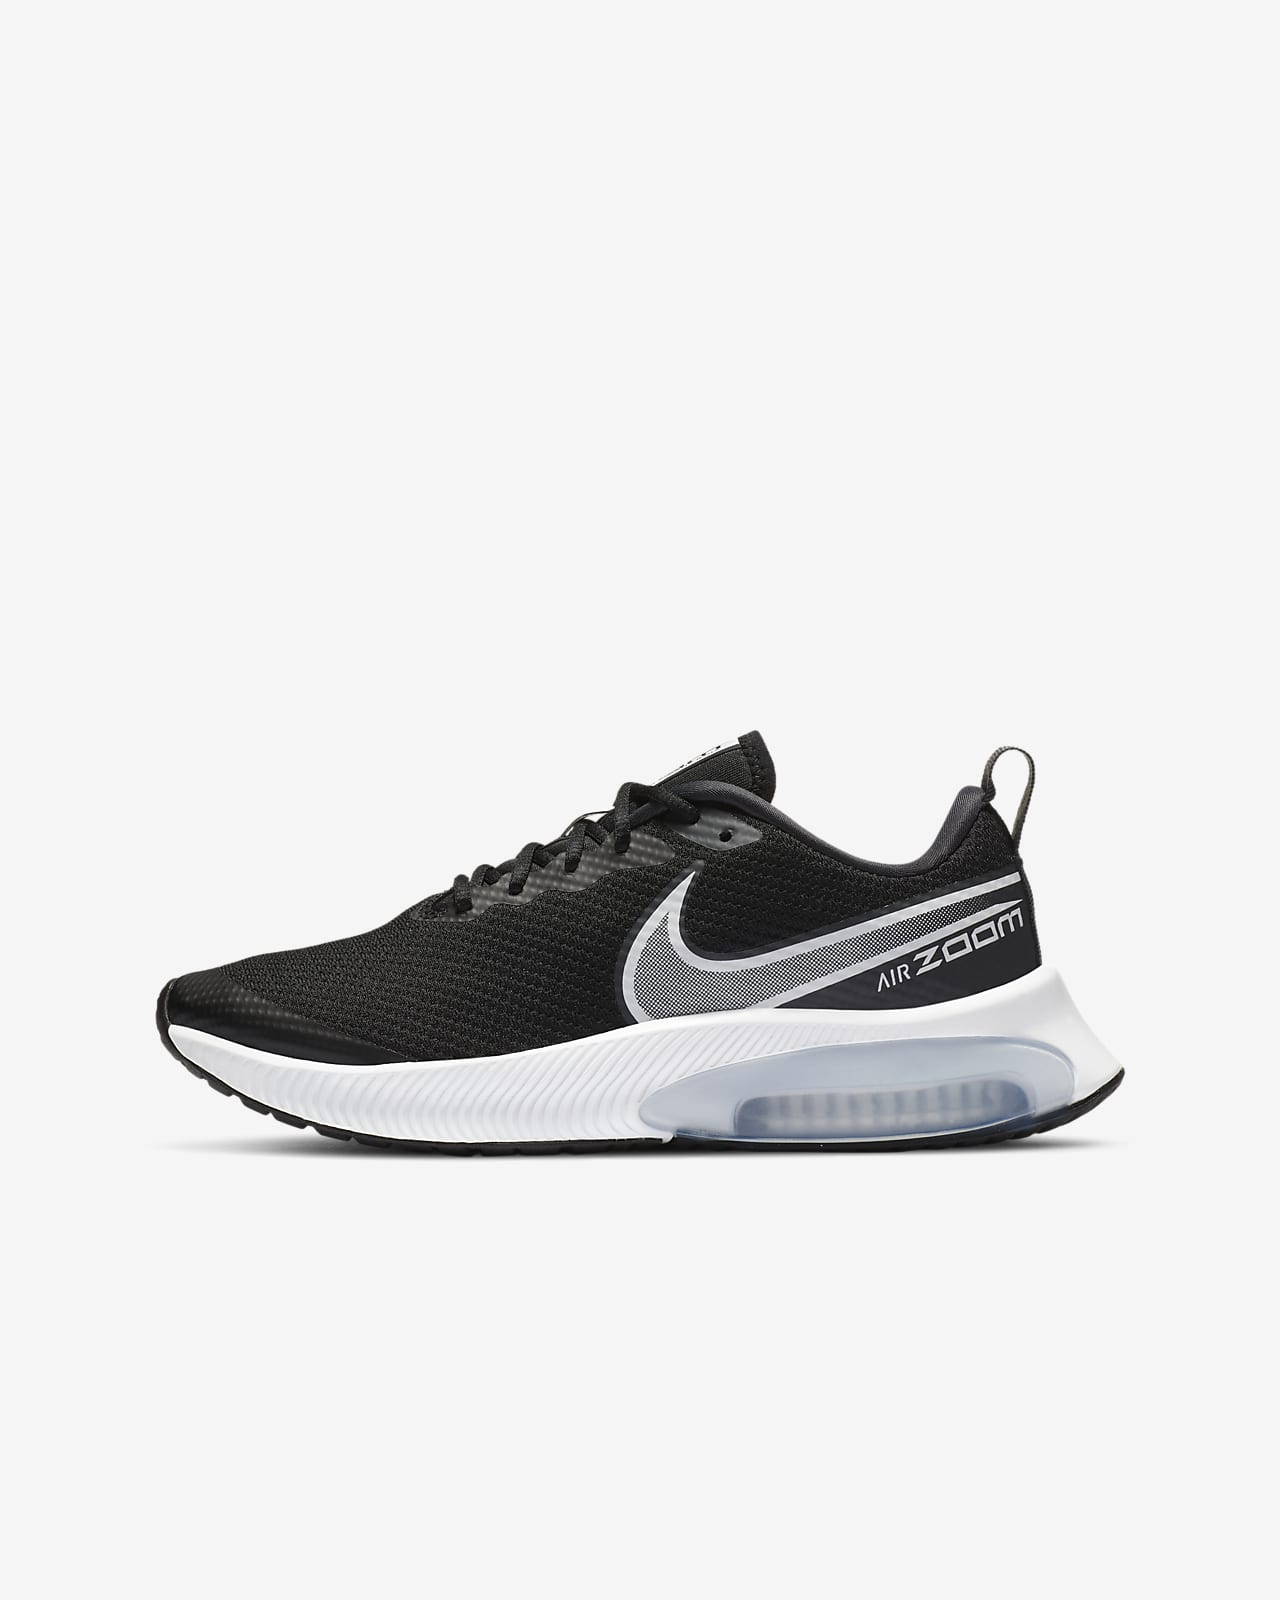 Běžecká bota Nike Air Zoom Arcadia pro větší děti